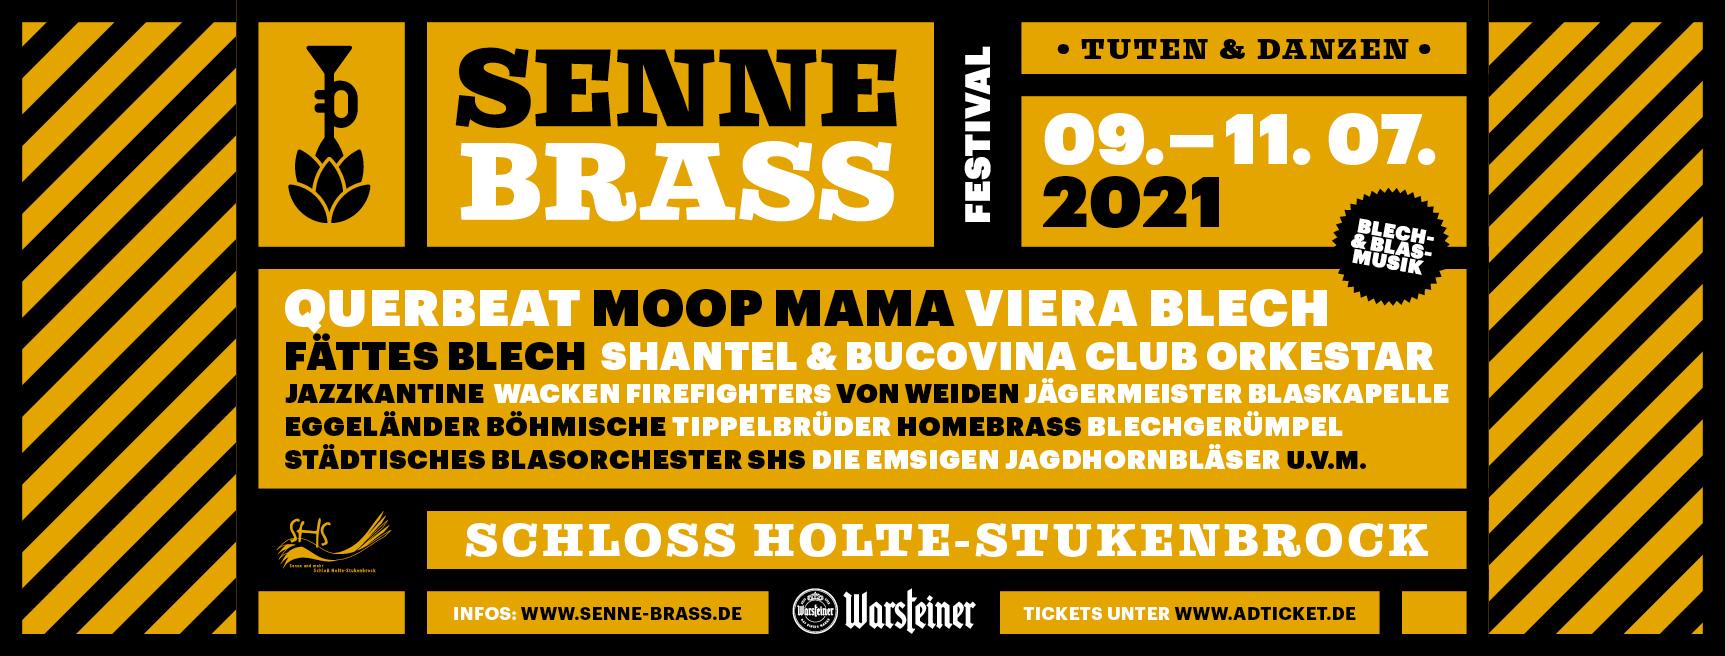 Senne Brass 2021 Lineup